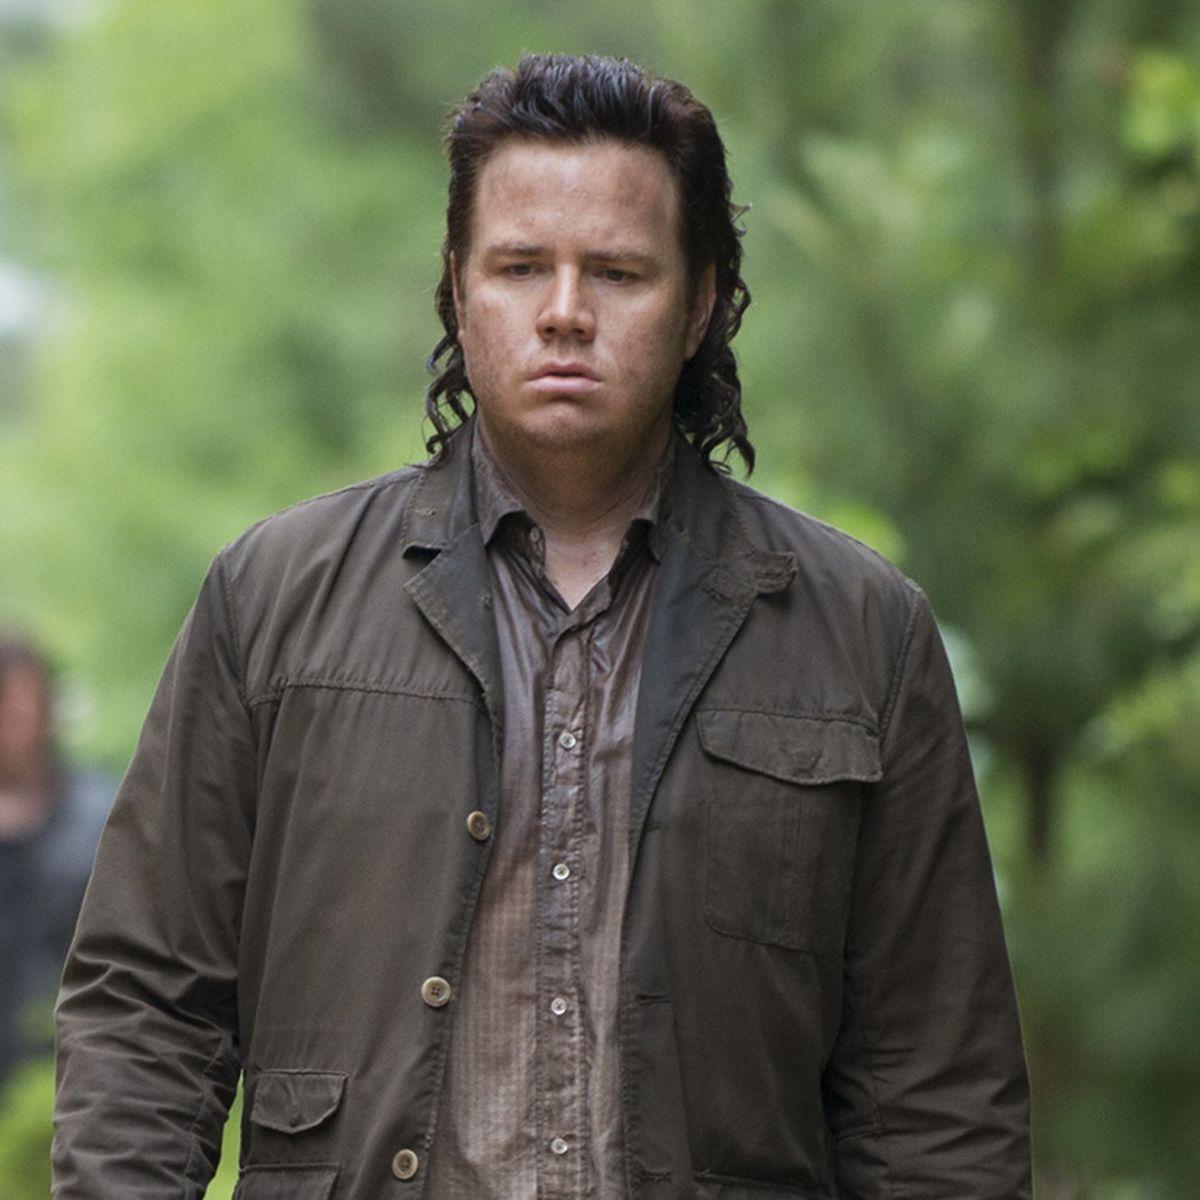 The Walking Dead - Josh McDermitt as Eugene